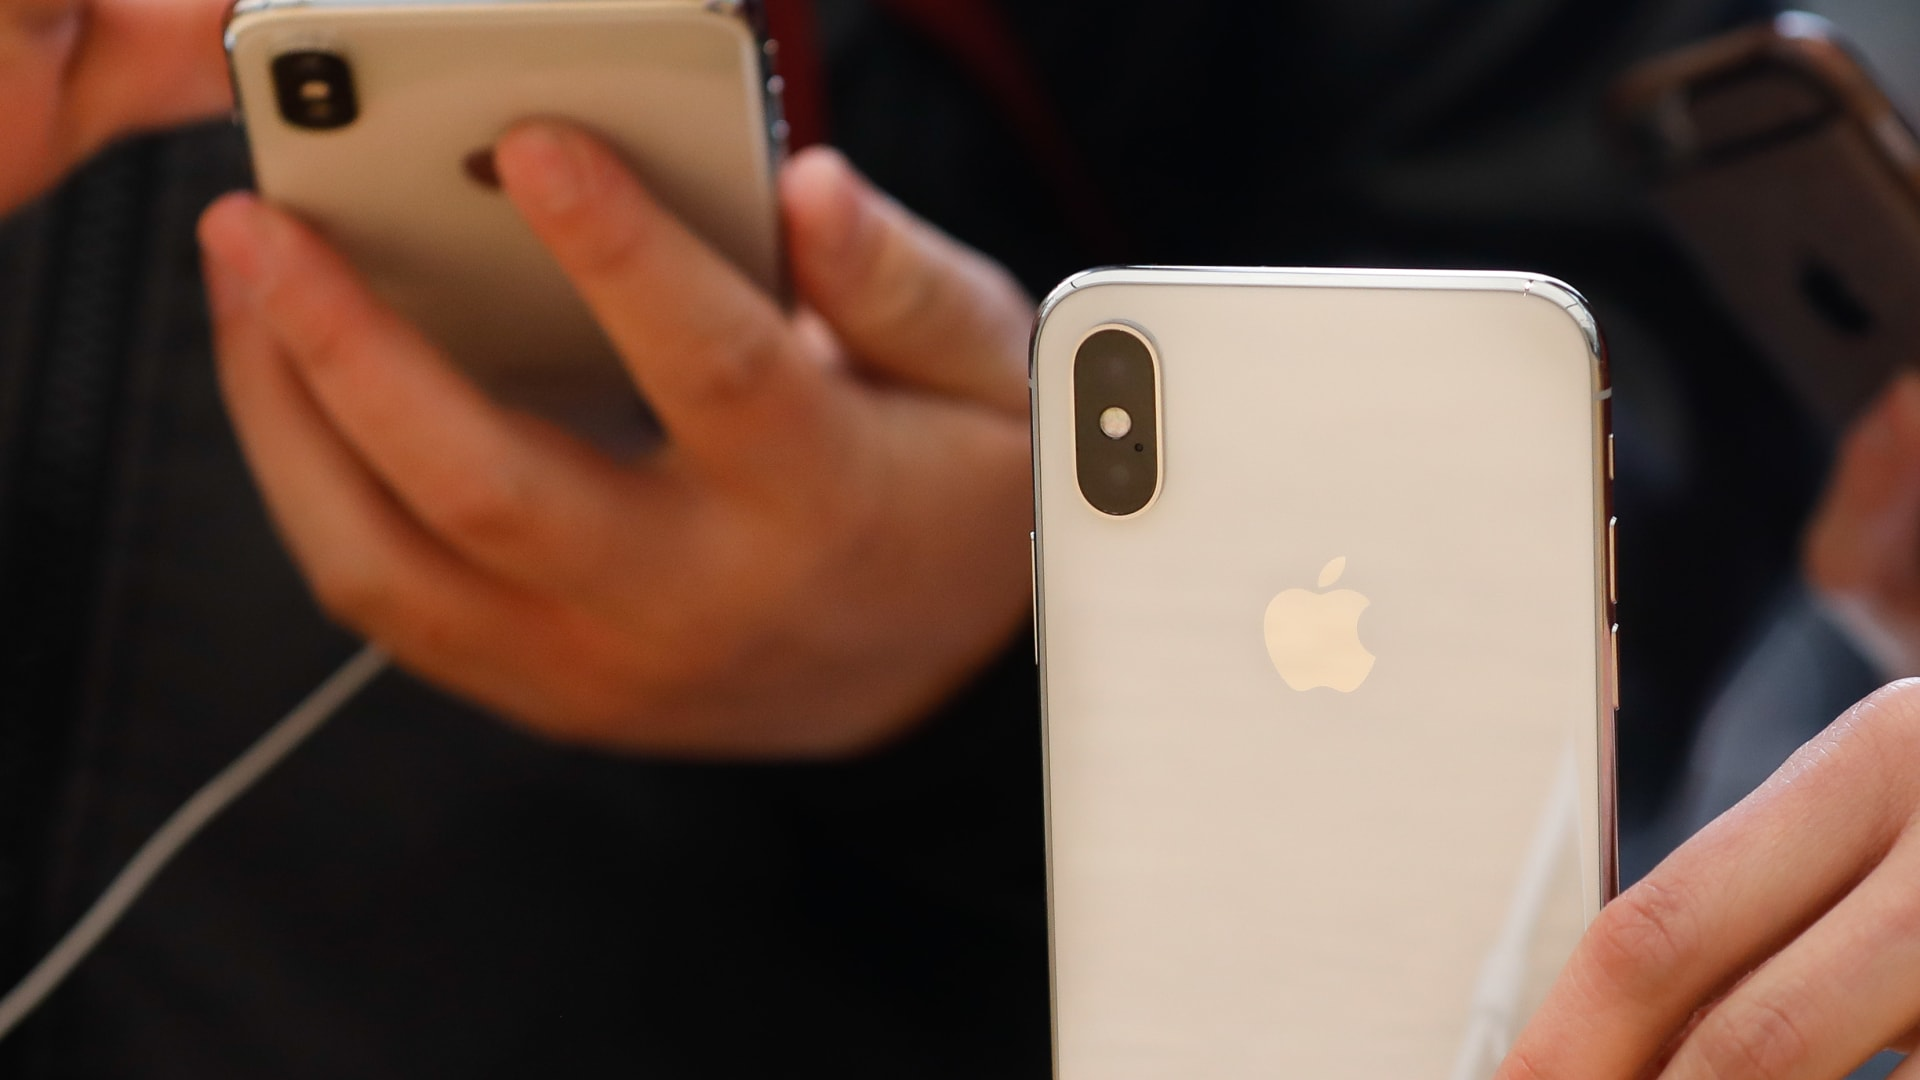 أبل تحذر من نقص في انتاج أجهزة آيفون بسبب كورونا